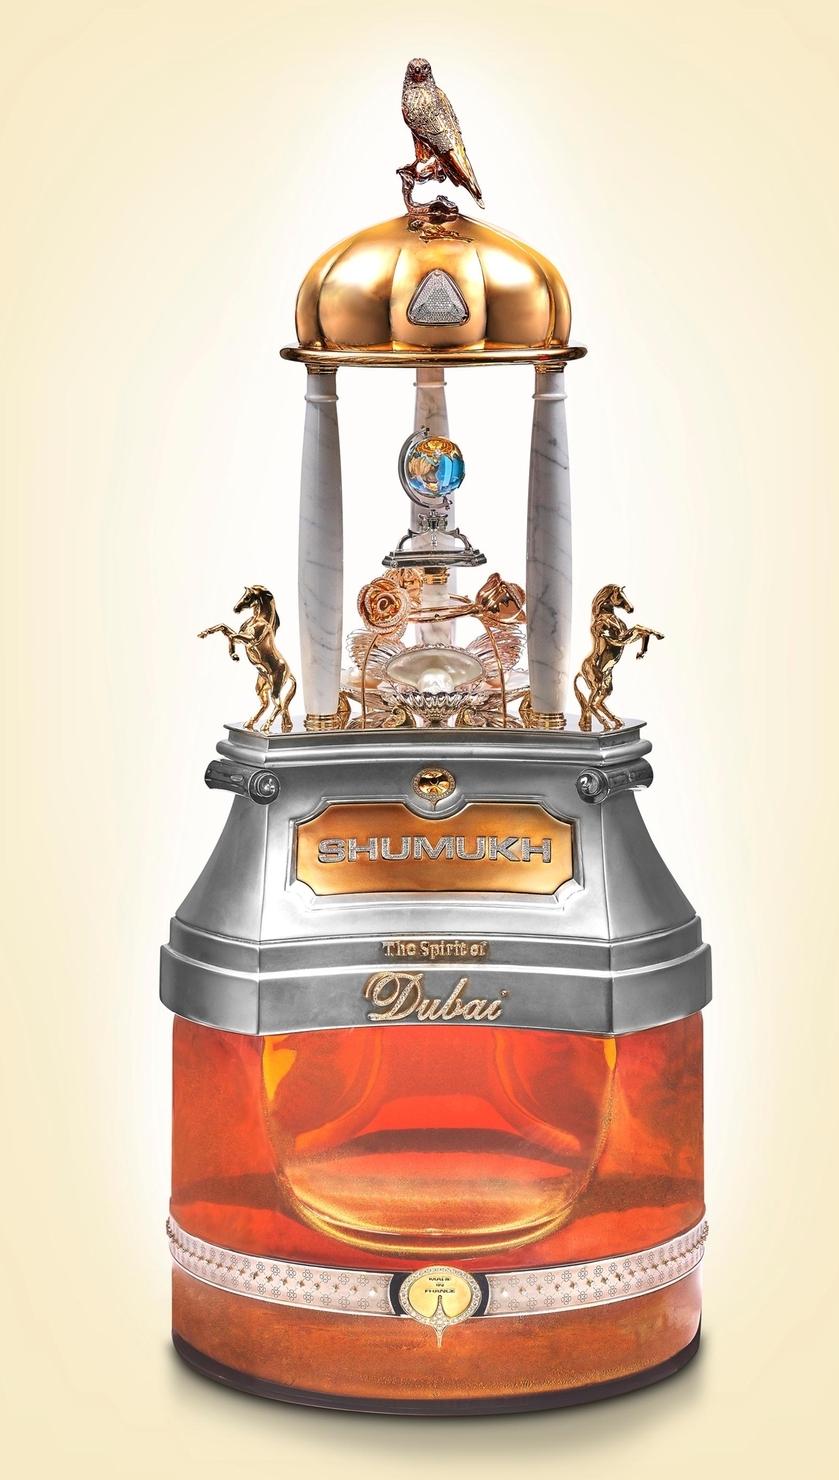 Lf14 MAR shumukh e1553205393264 - ¿Estarías dispuesto a pagar 1.3 millones de dólares por un perfume? Dubai tiene el perfume más caro del mundo